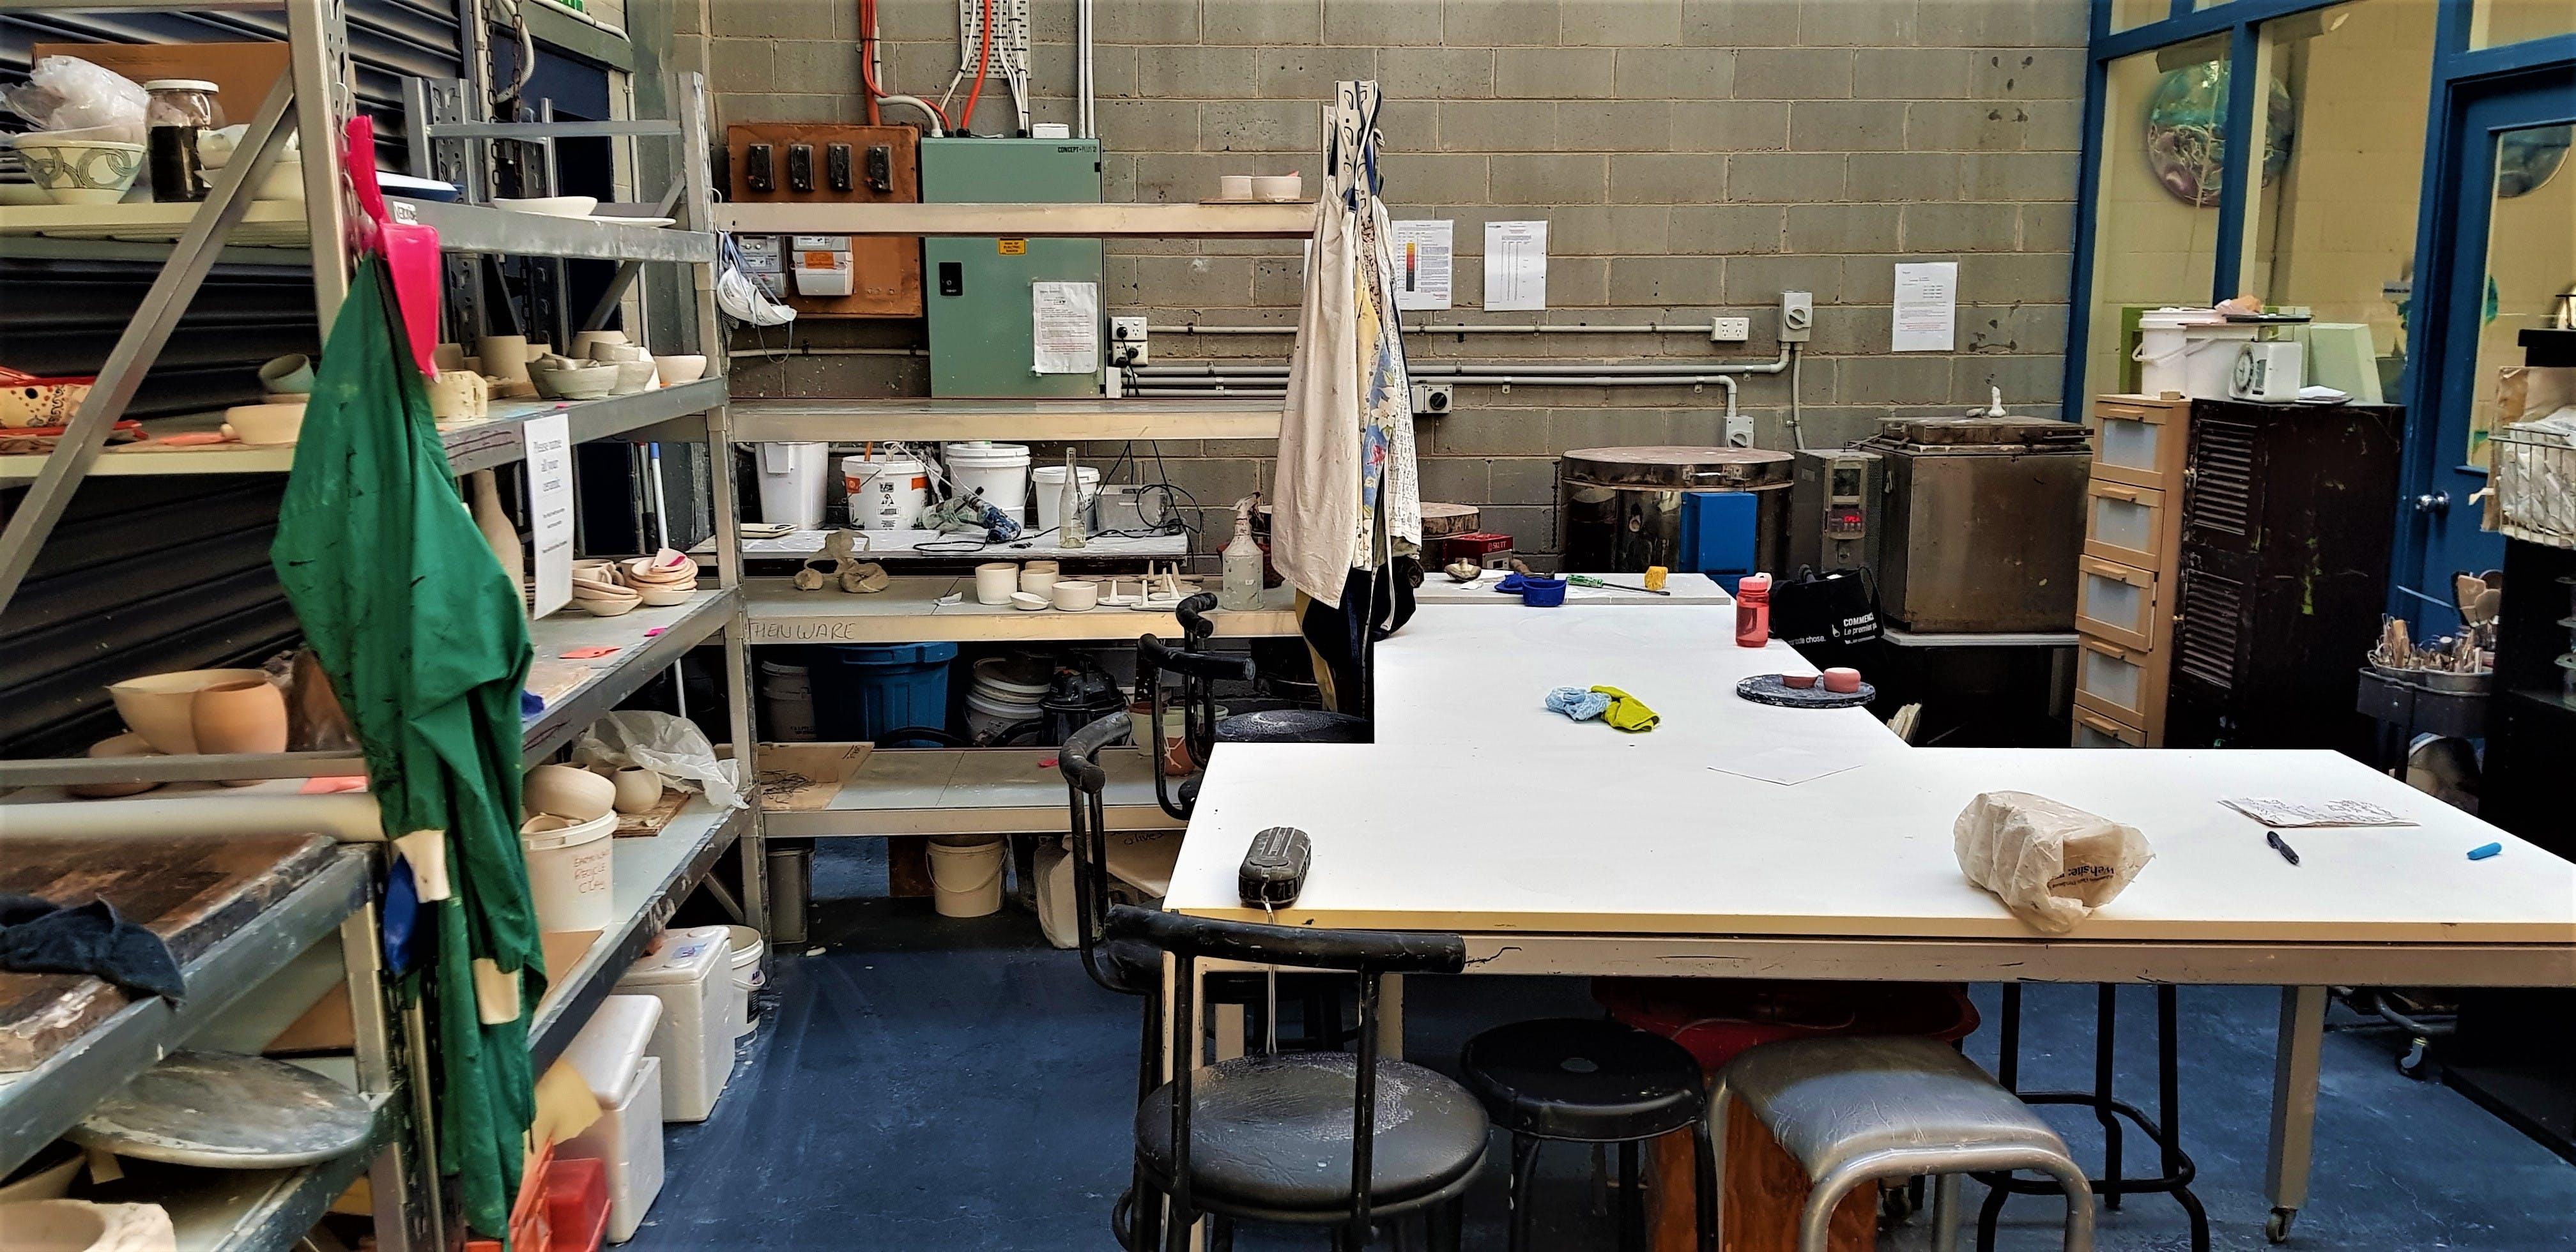 Ceramic Studio, creative studio at Le Studio Art Space & Ceramic Studio, image 1